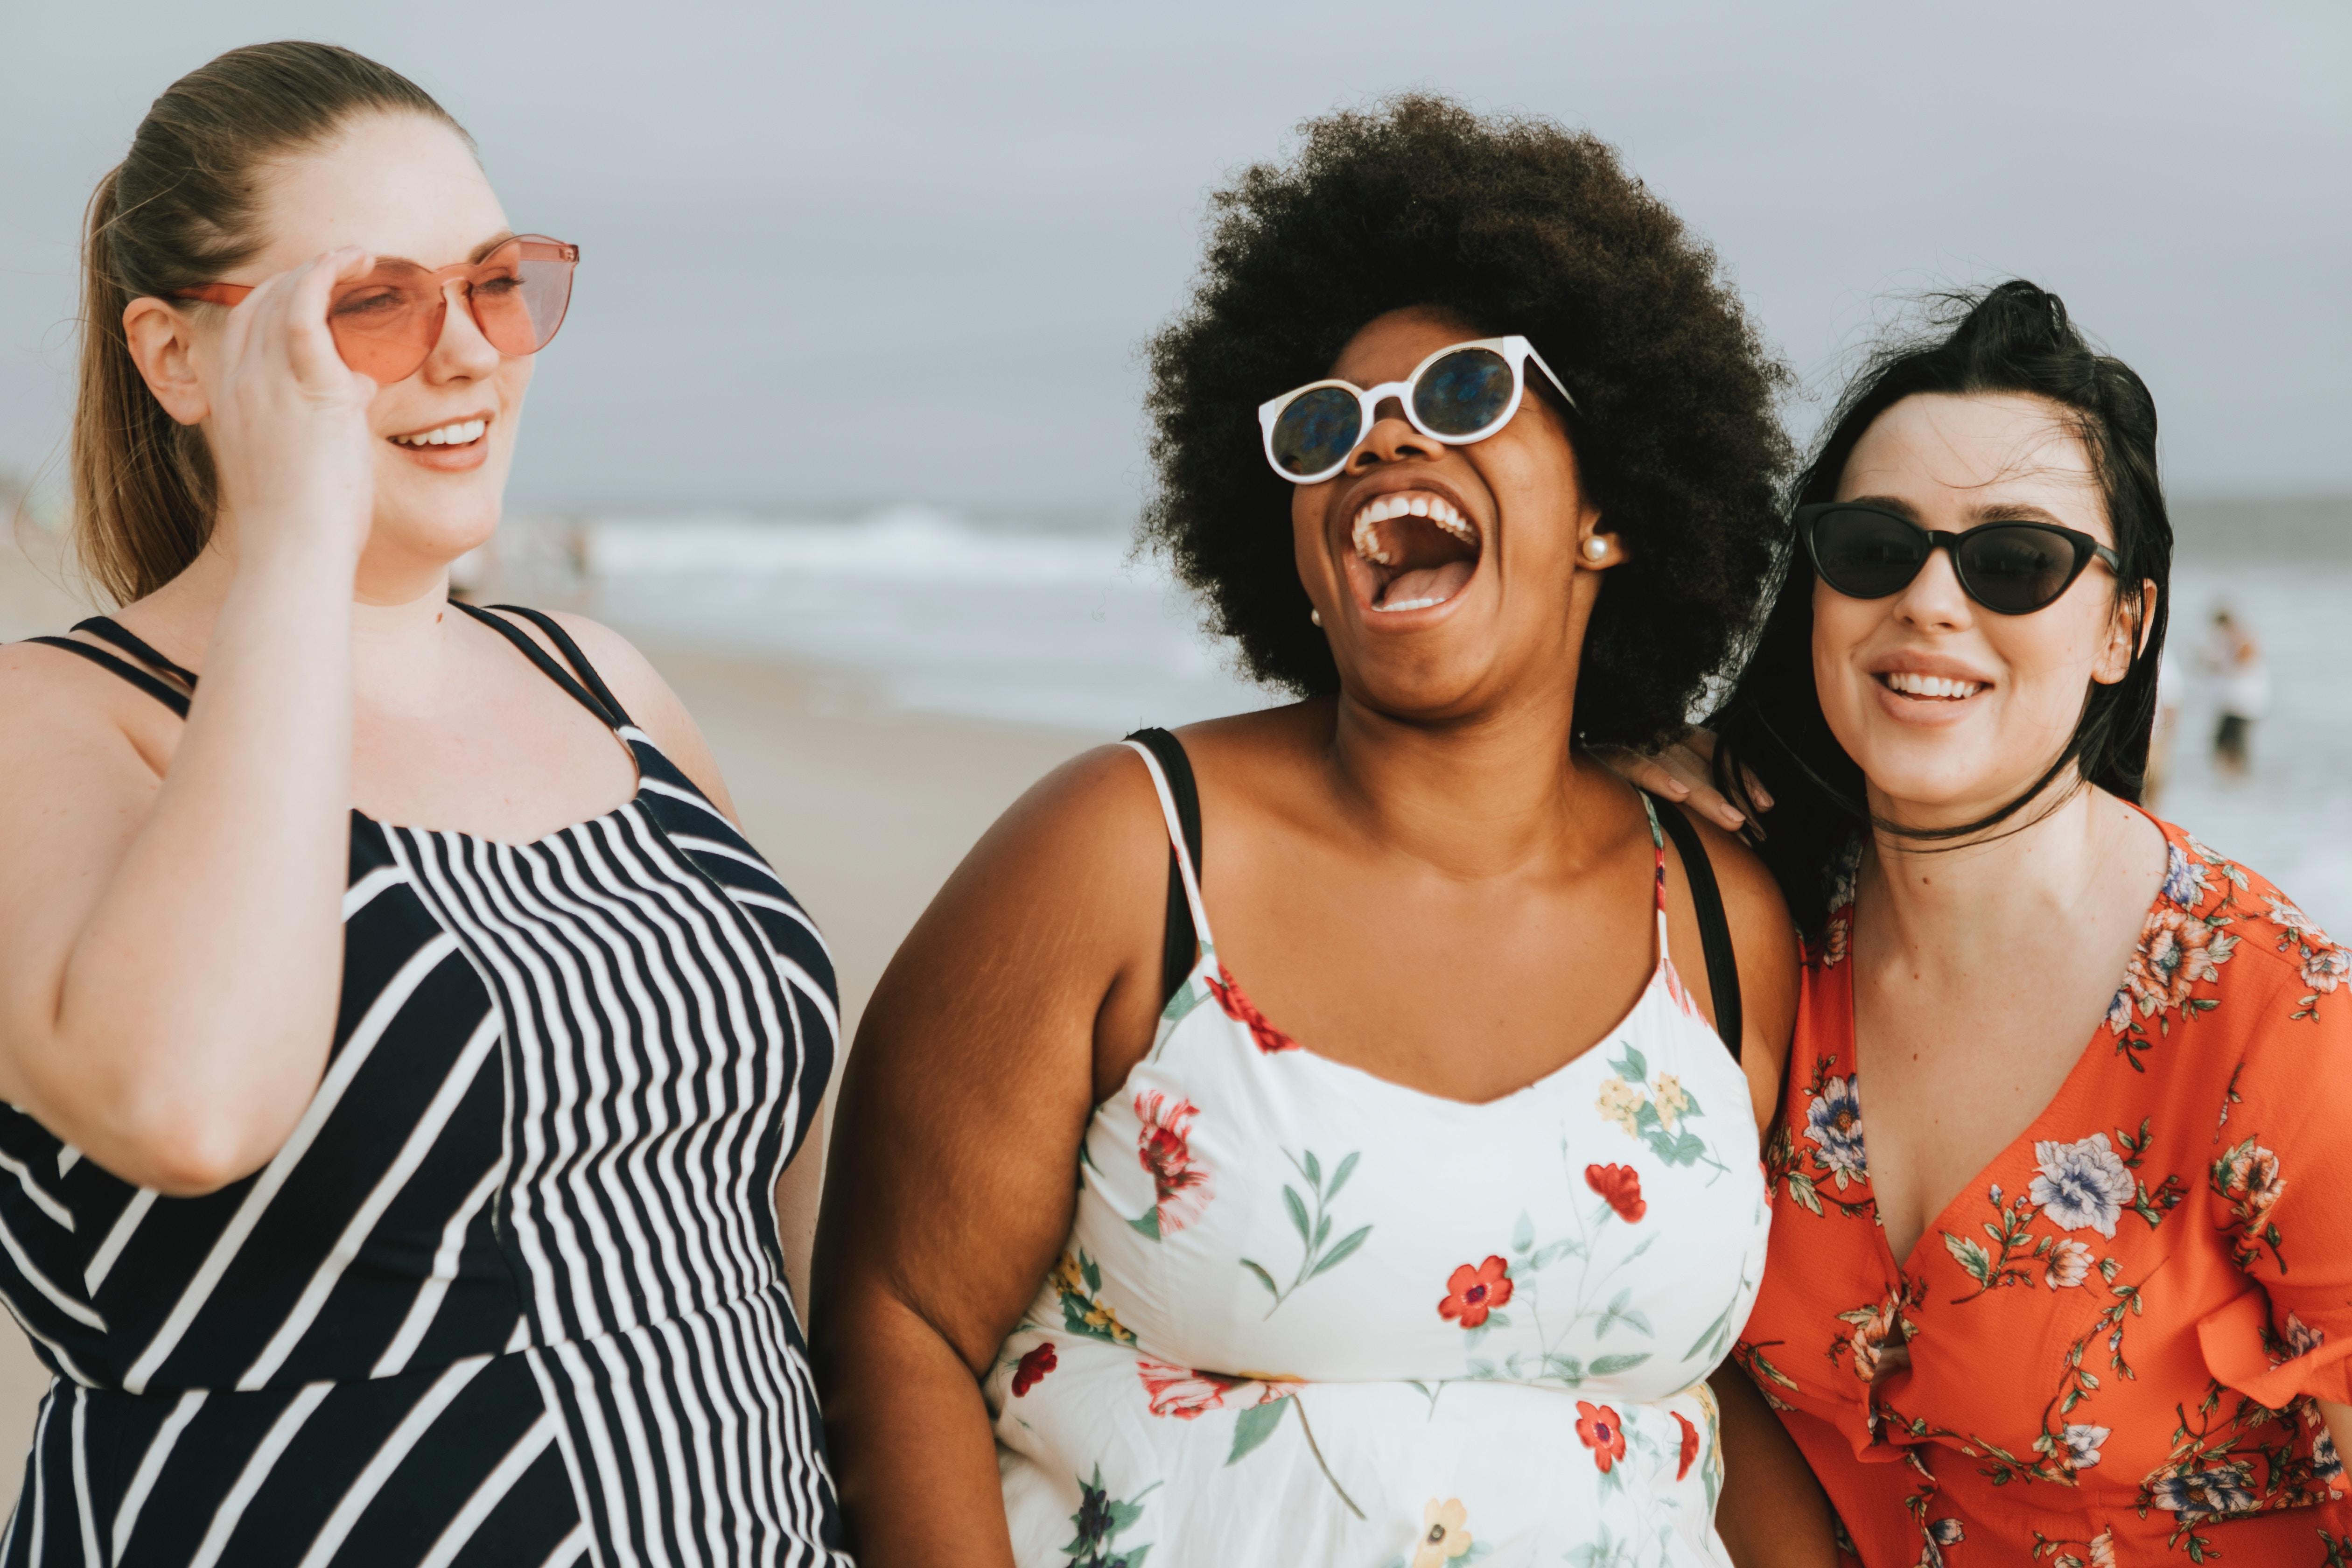 Find et stort udvalg af tøj til store kvinder på www.venusogmarsxl.dk